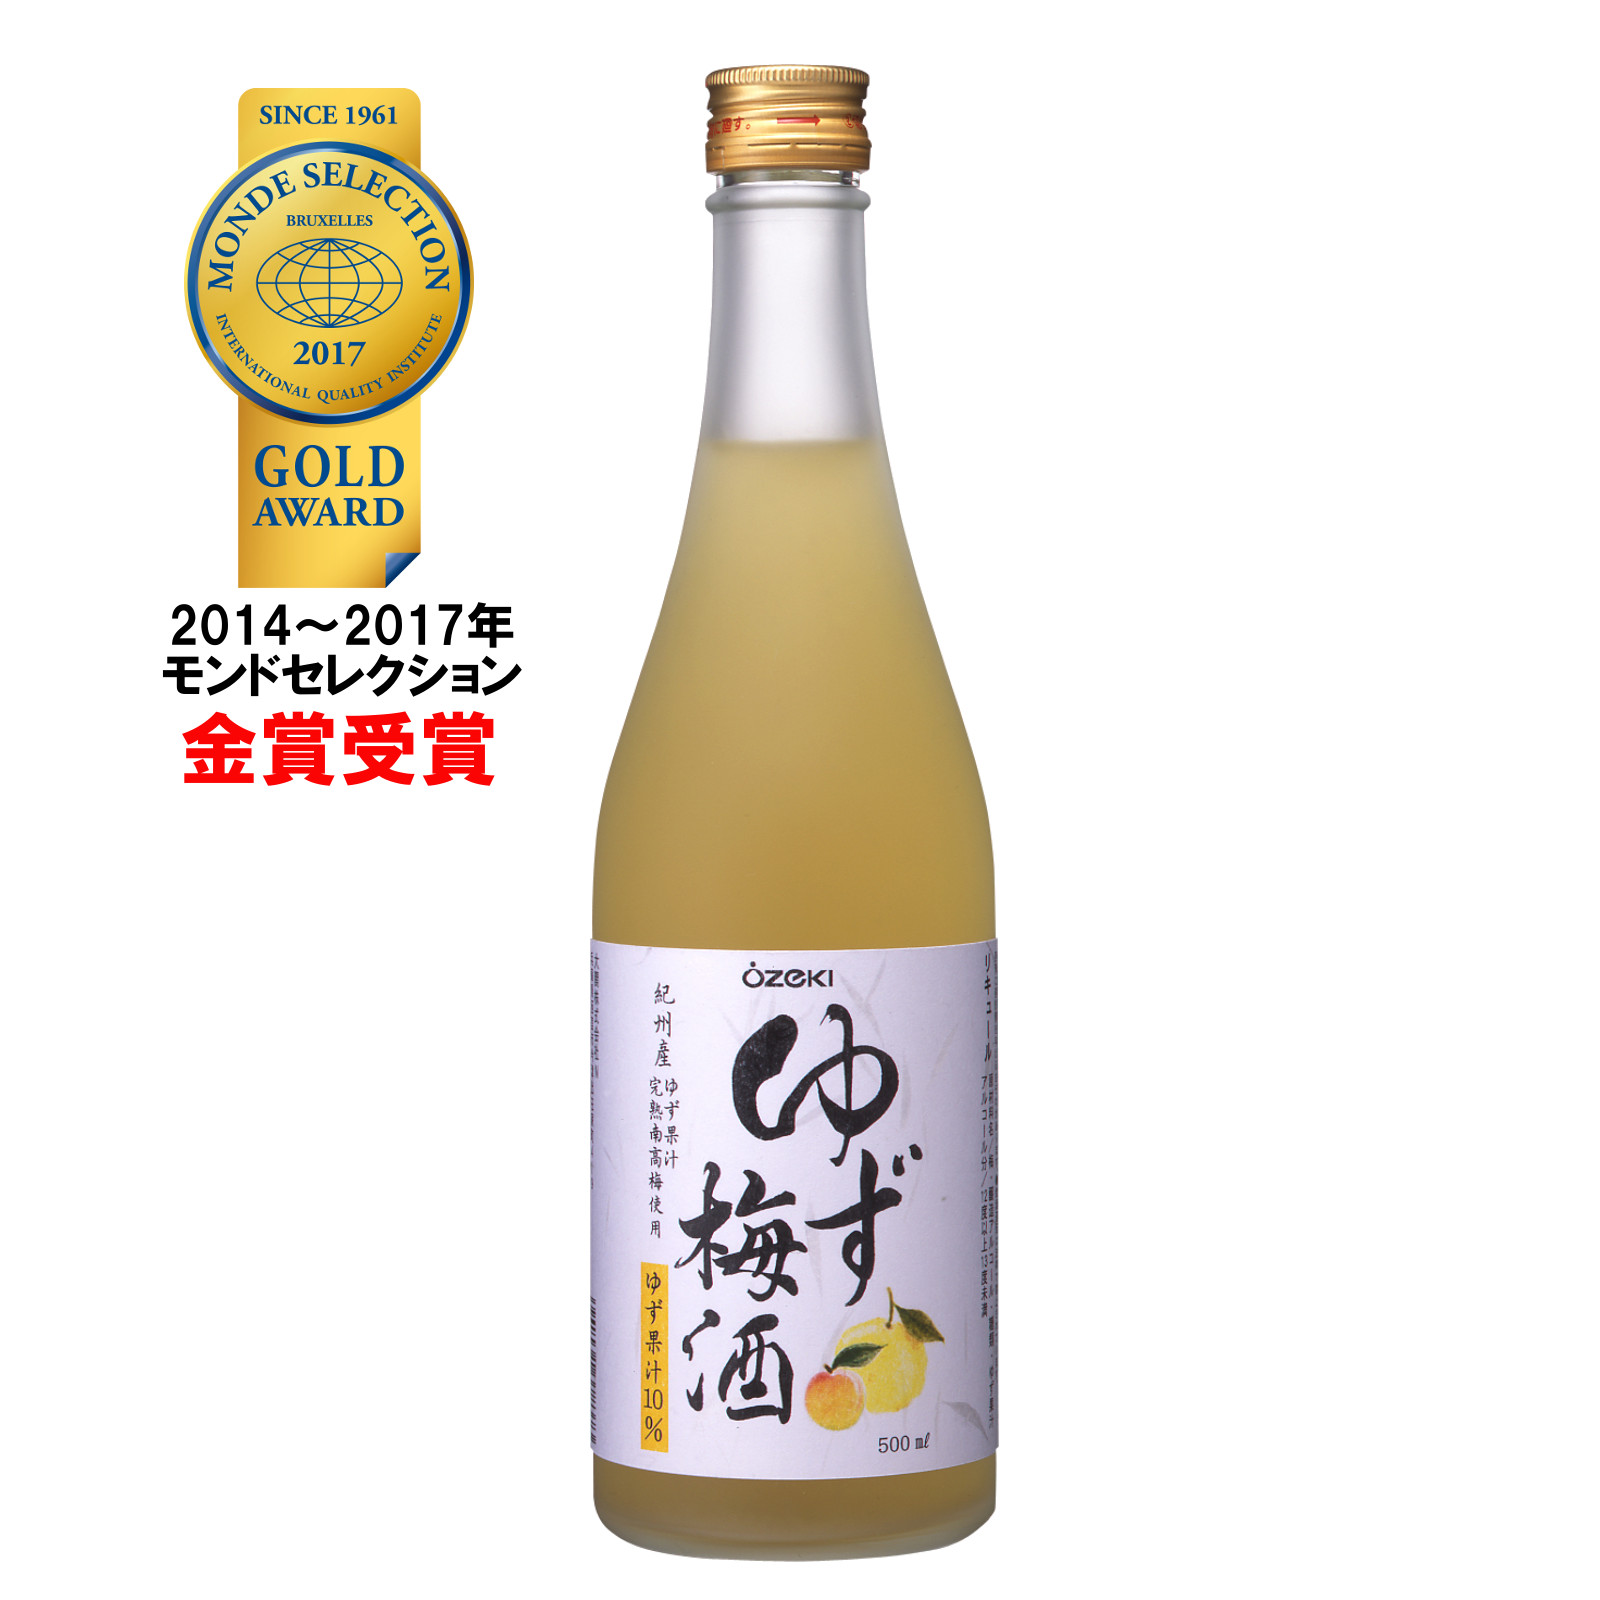 ゆず梅酒 500ml瓶詰